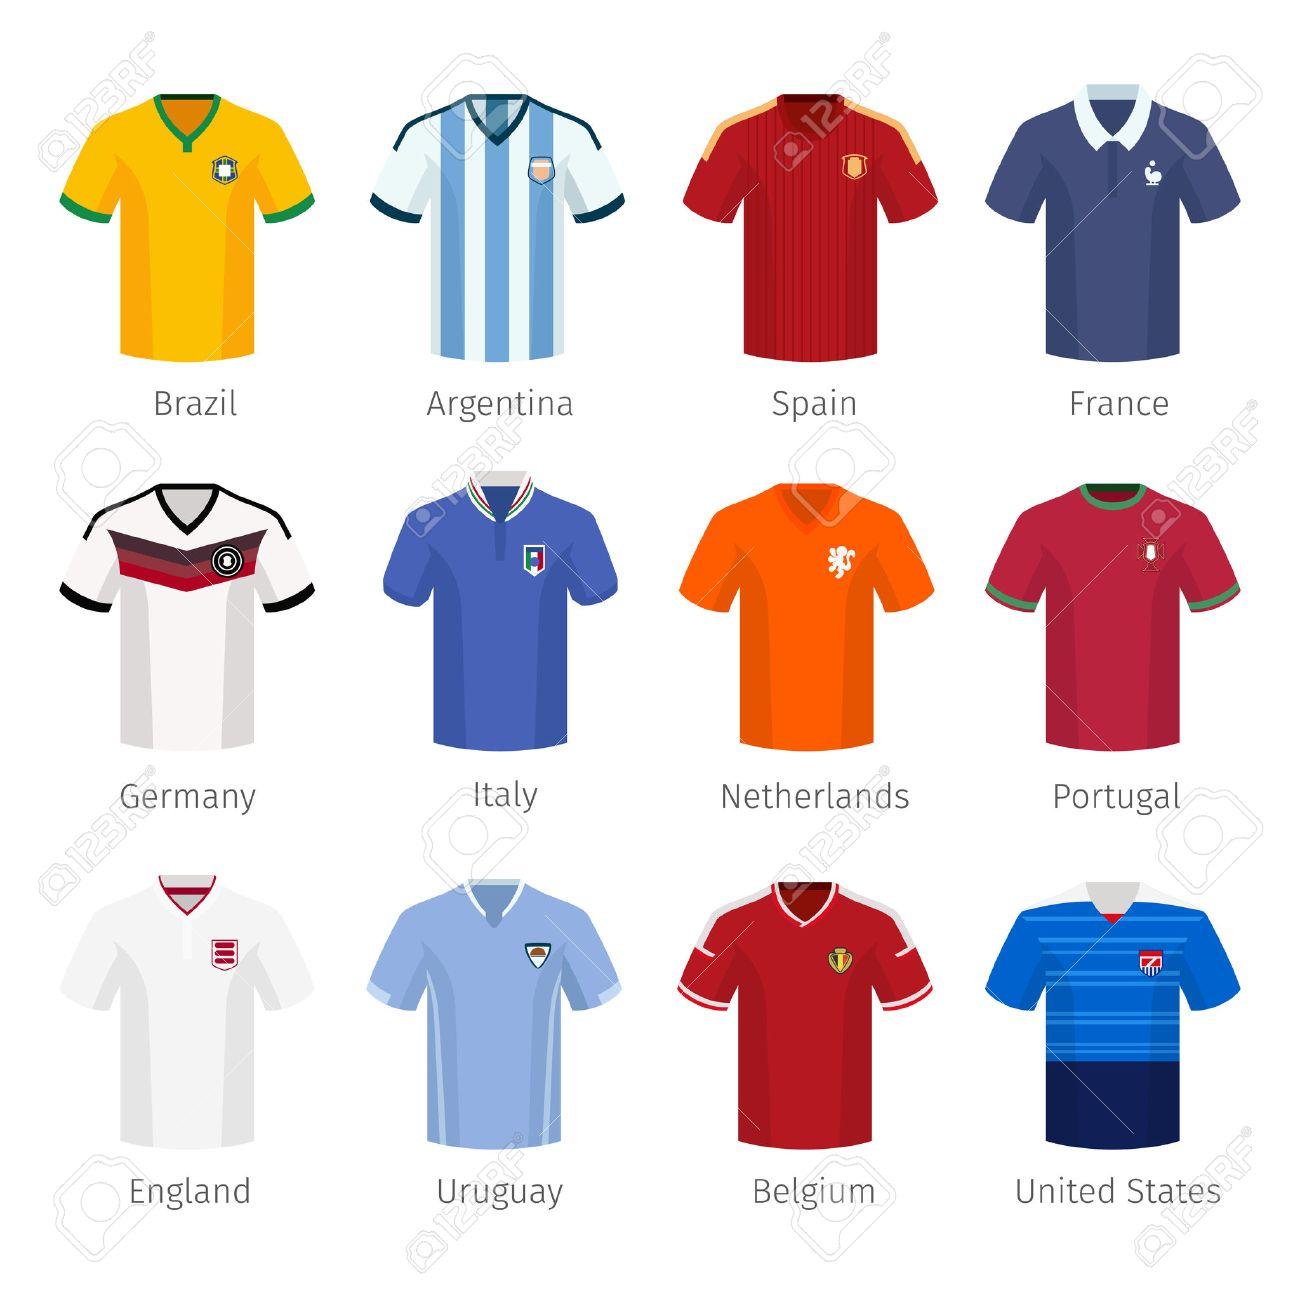 8a39def135479 Foto de archivo - Uniforme del fútbol o el fútbol de selecciones nacionales.  Argentina Brasil España Francia Italia Países Bajos Portugal inglaterra.